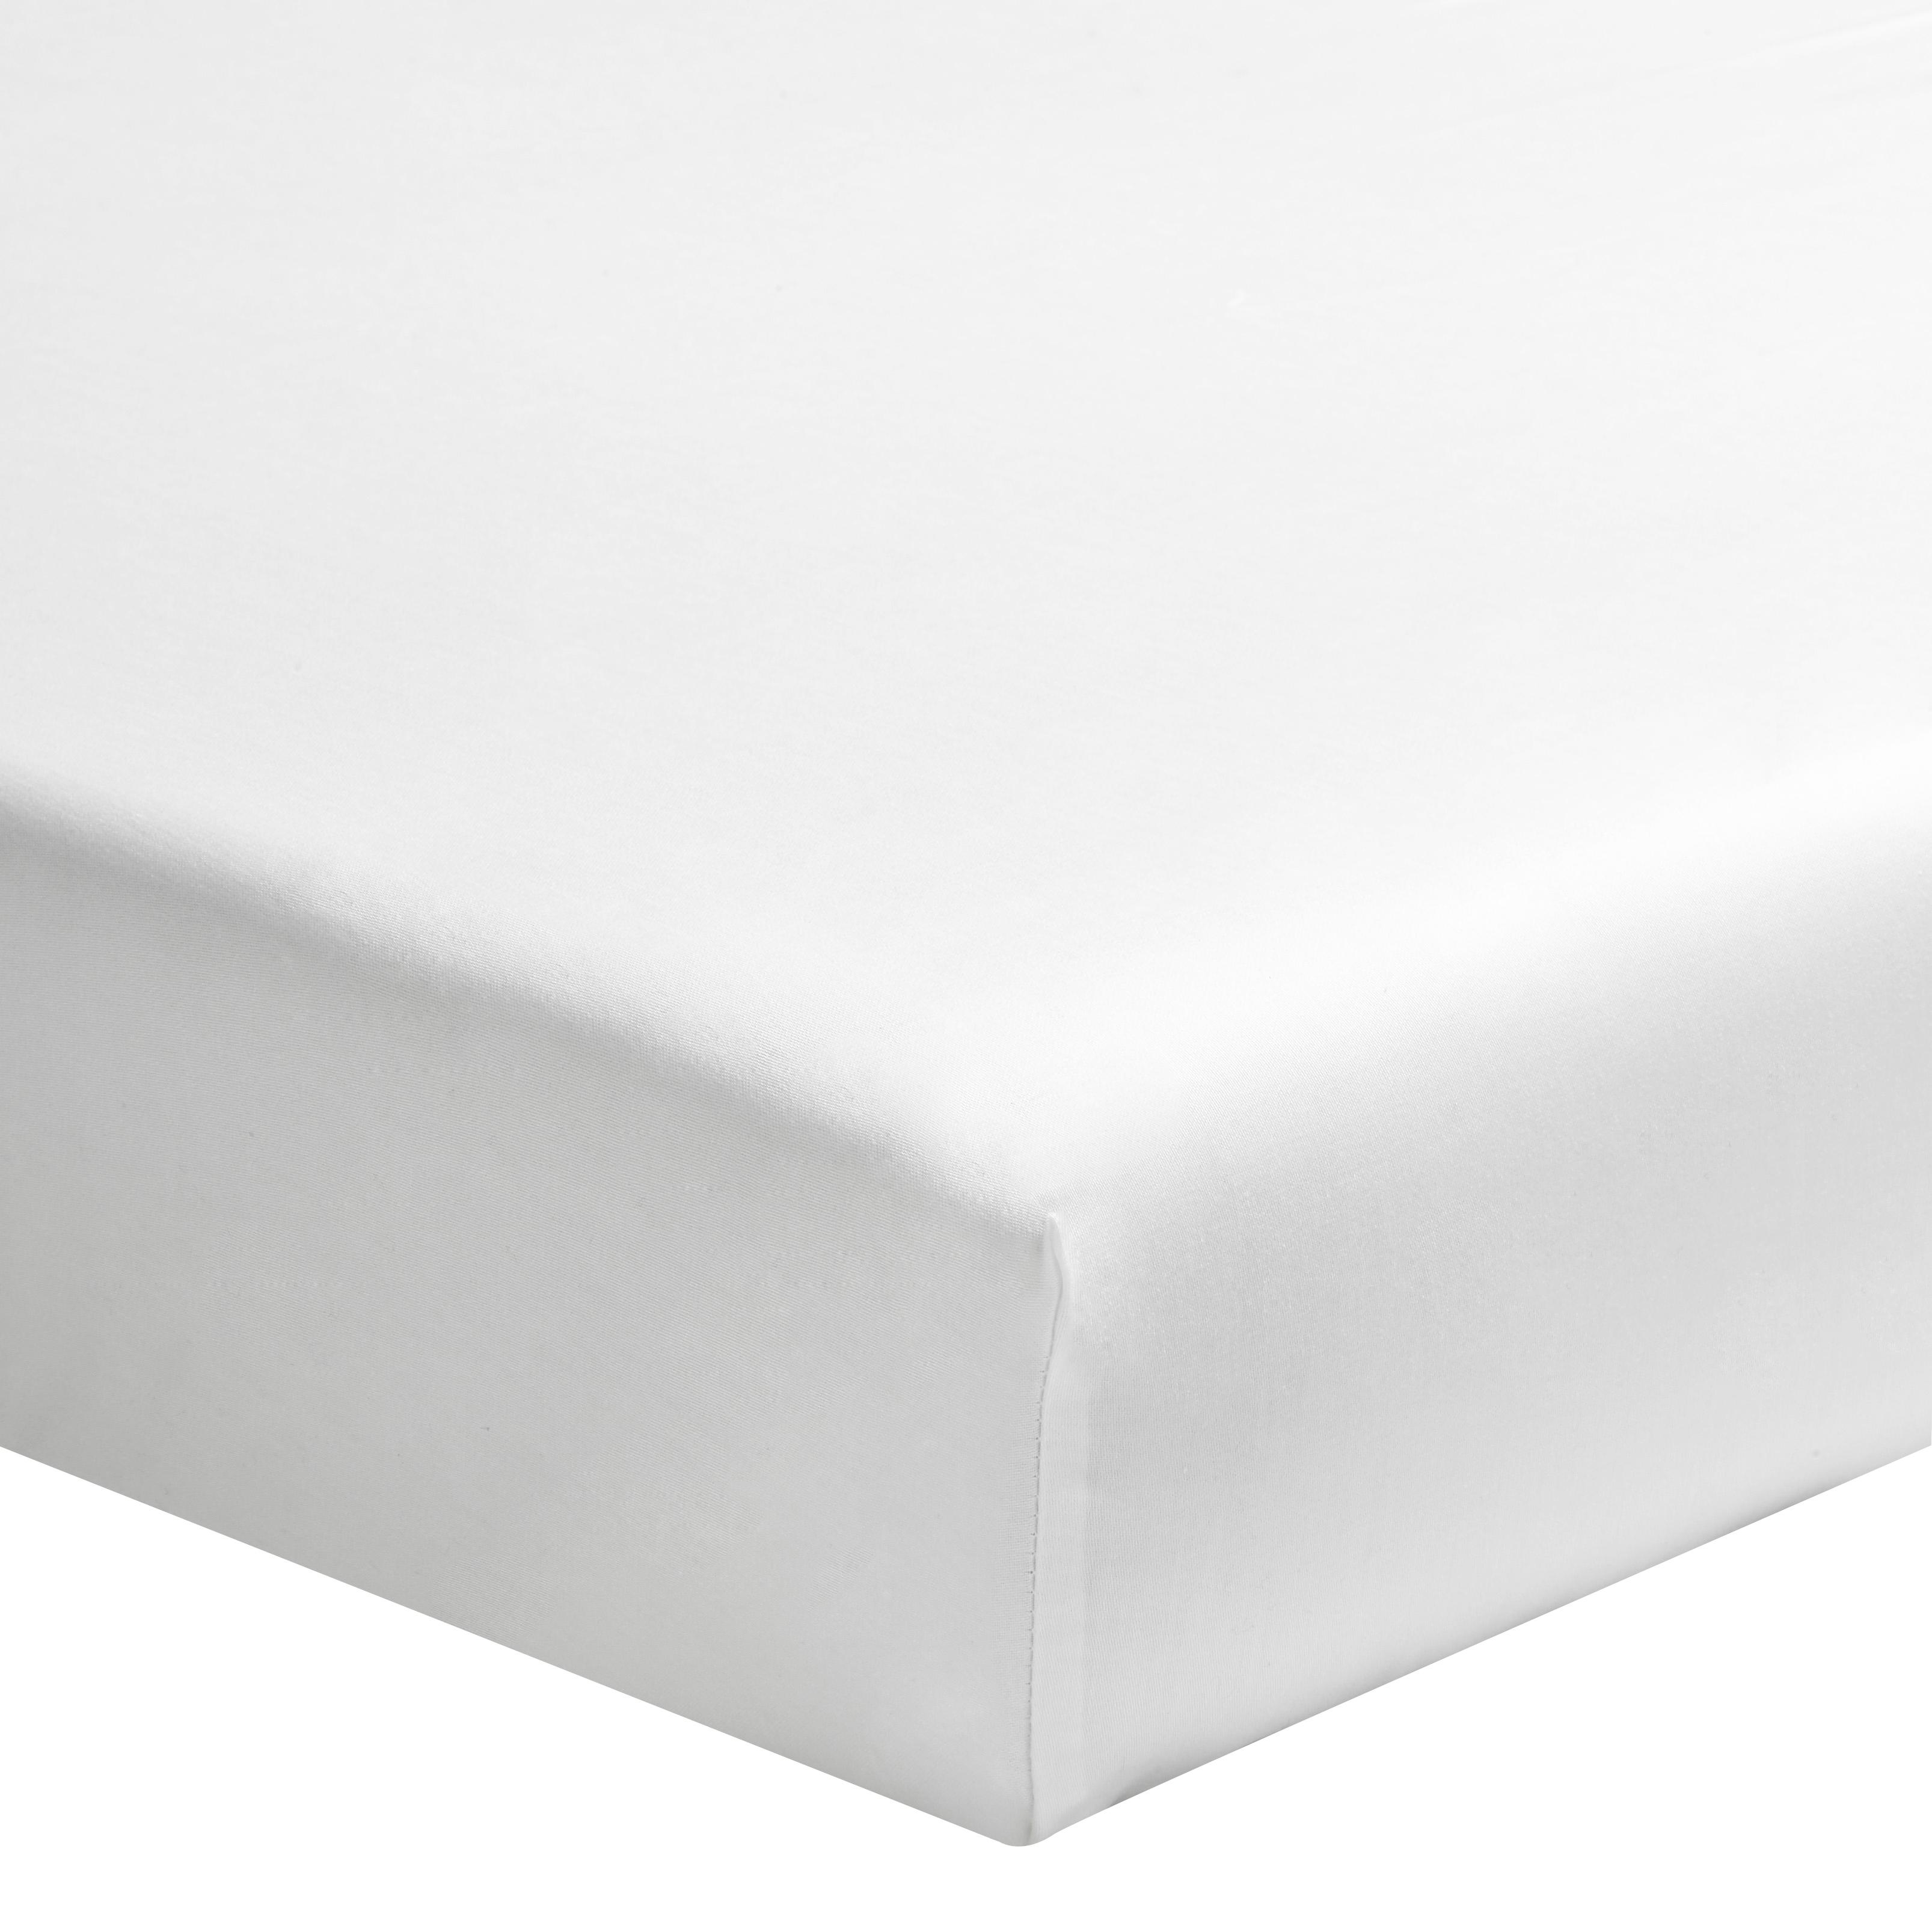 Drap housse uni en percale de coton blanc 160x220